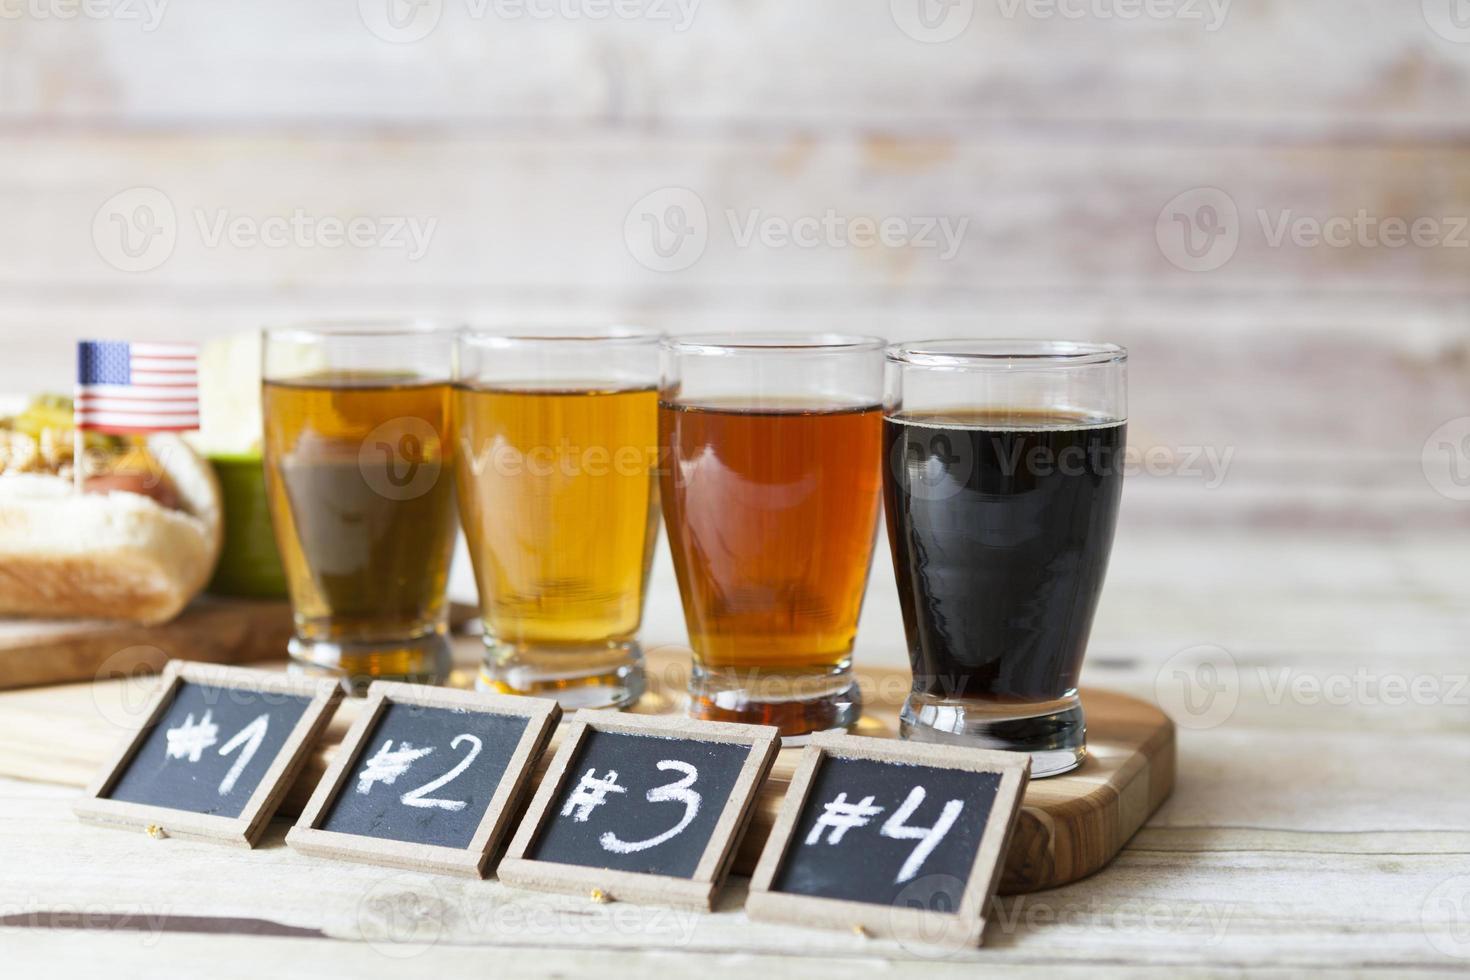 degustazione di birra foto